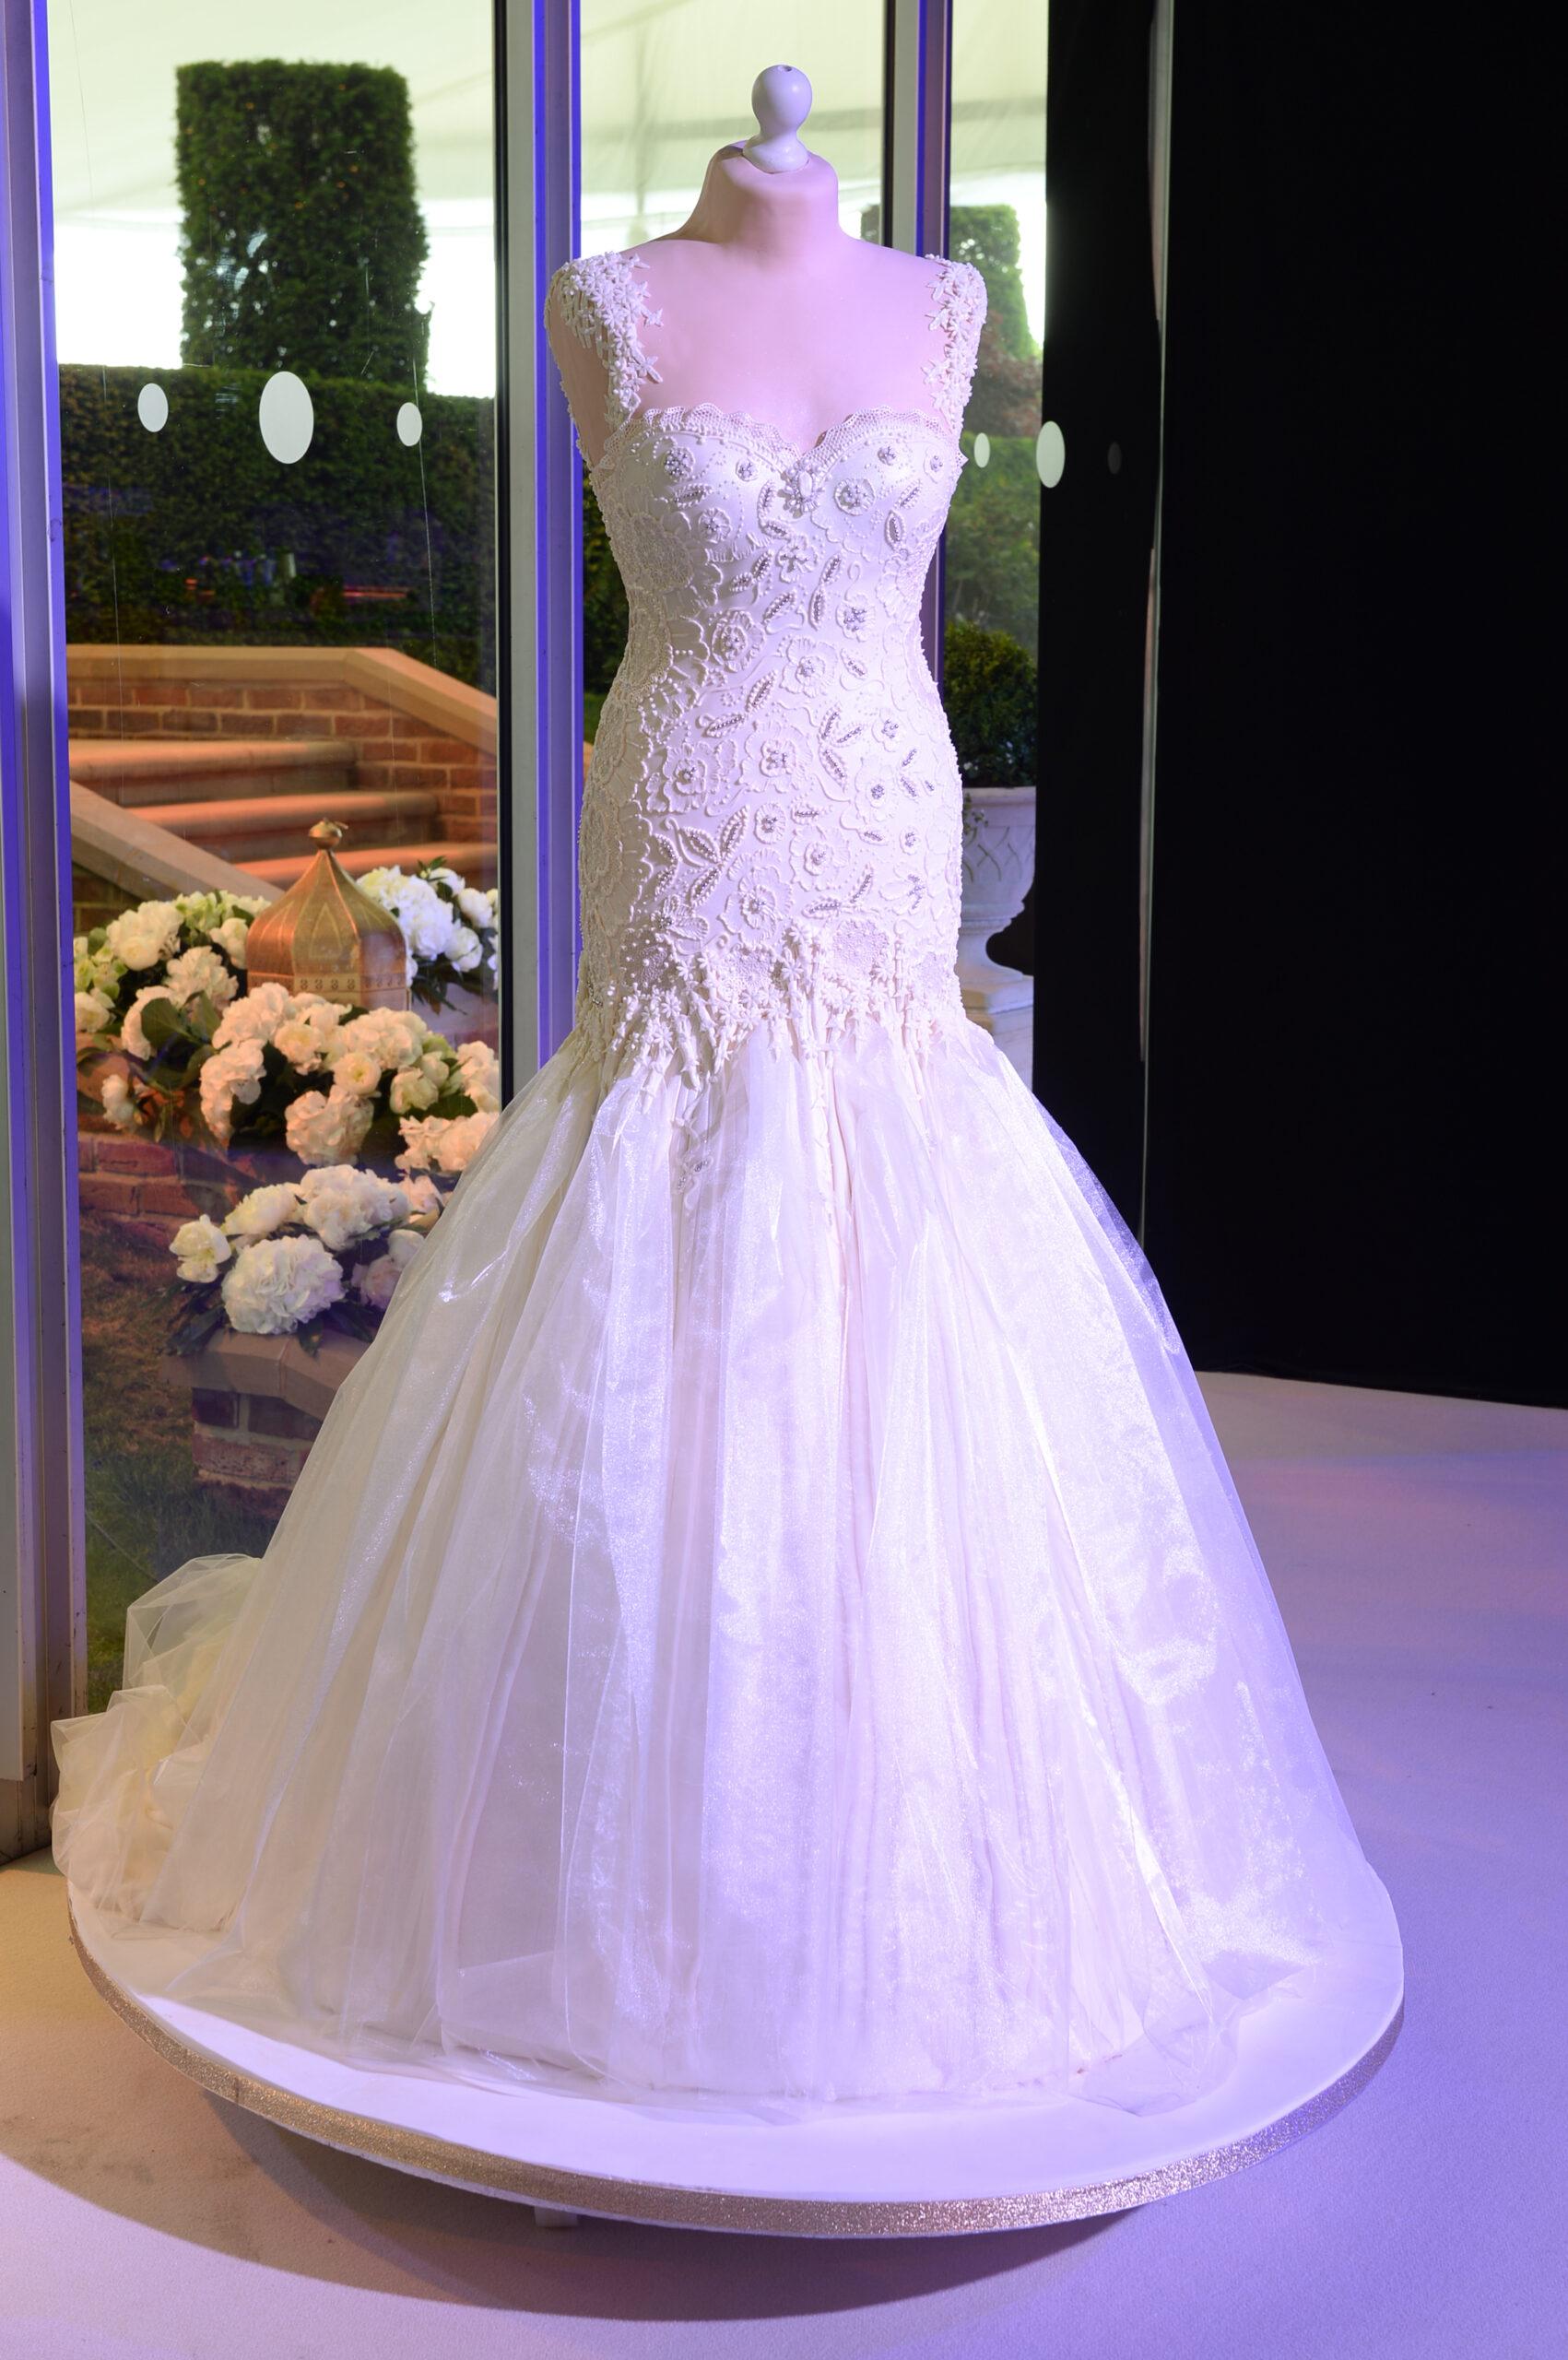 Wedding-Cake-Dress-scaled